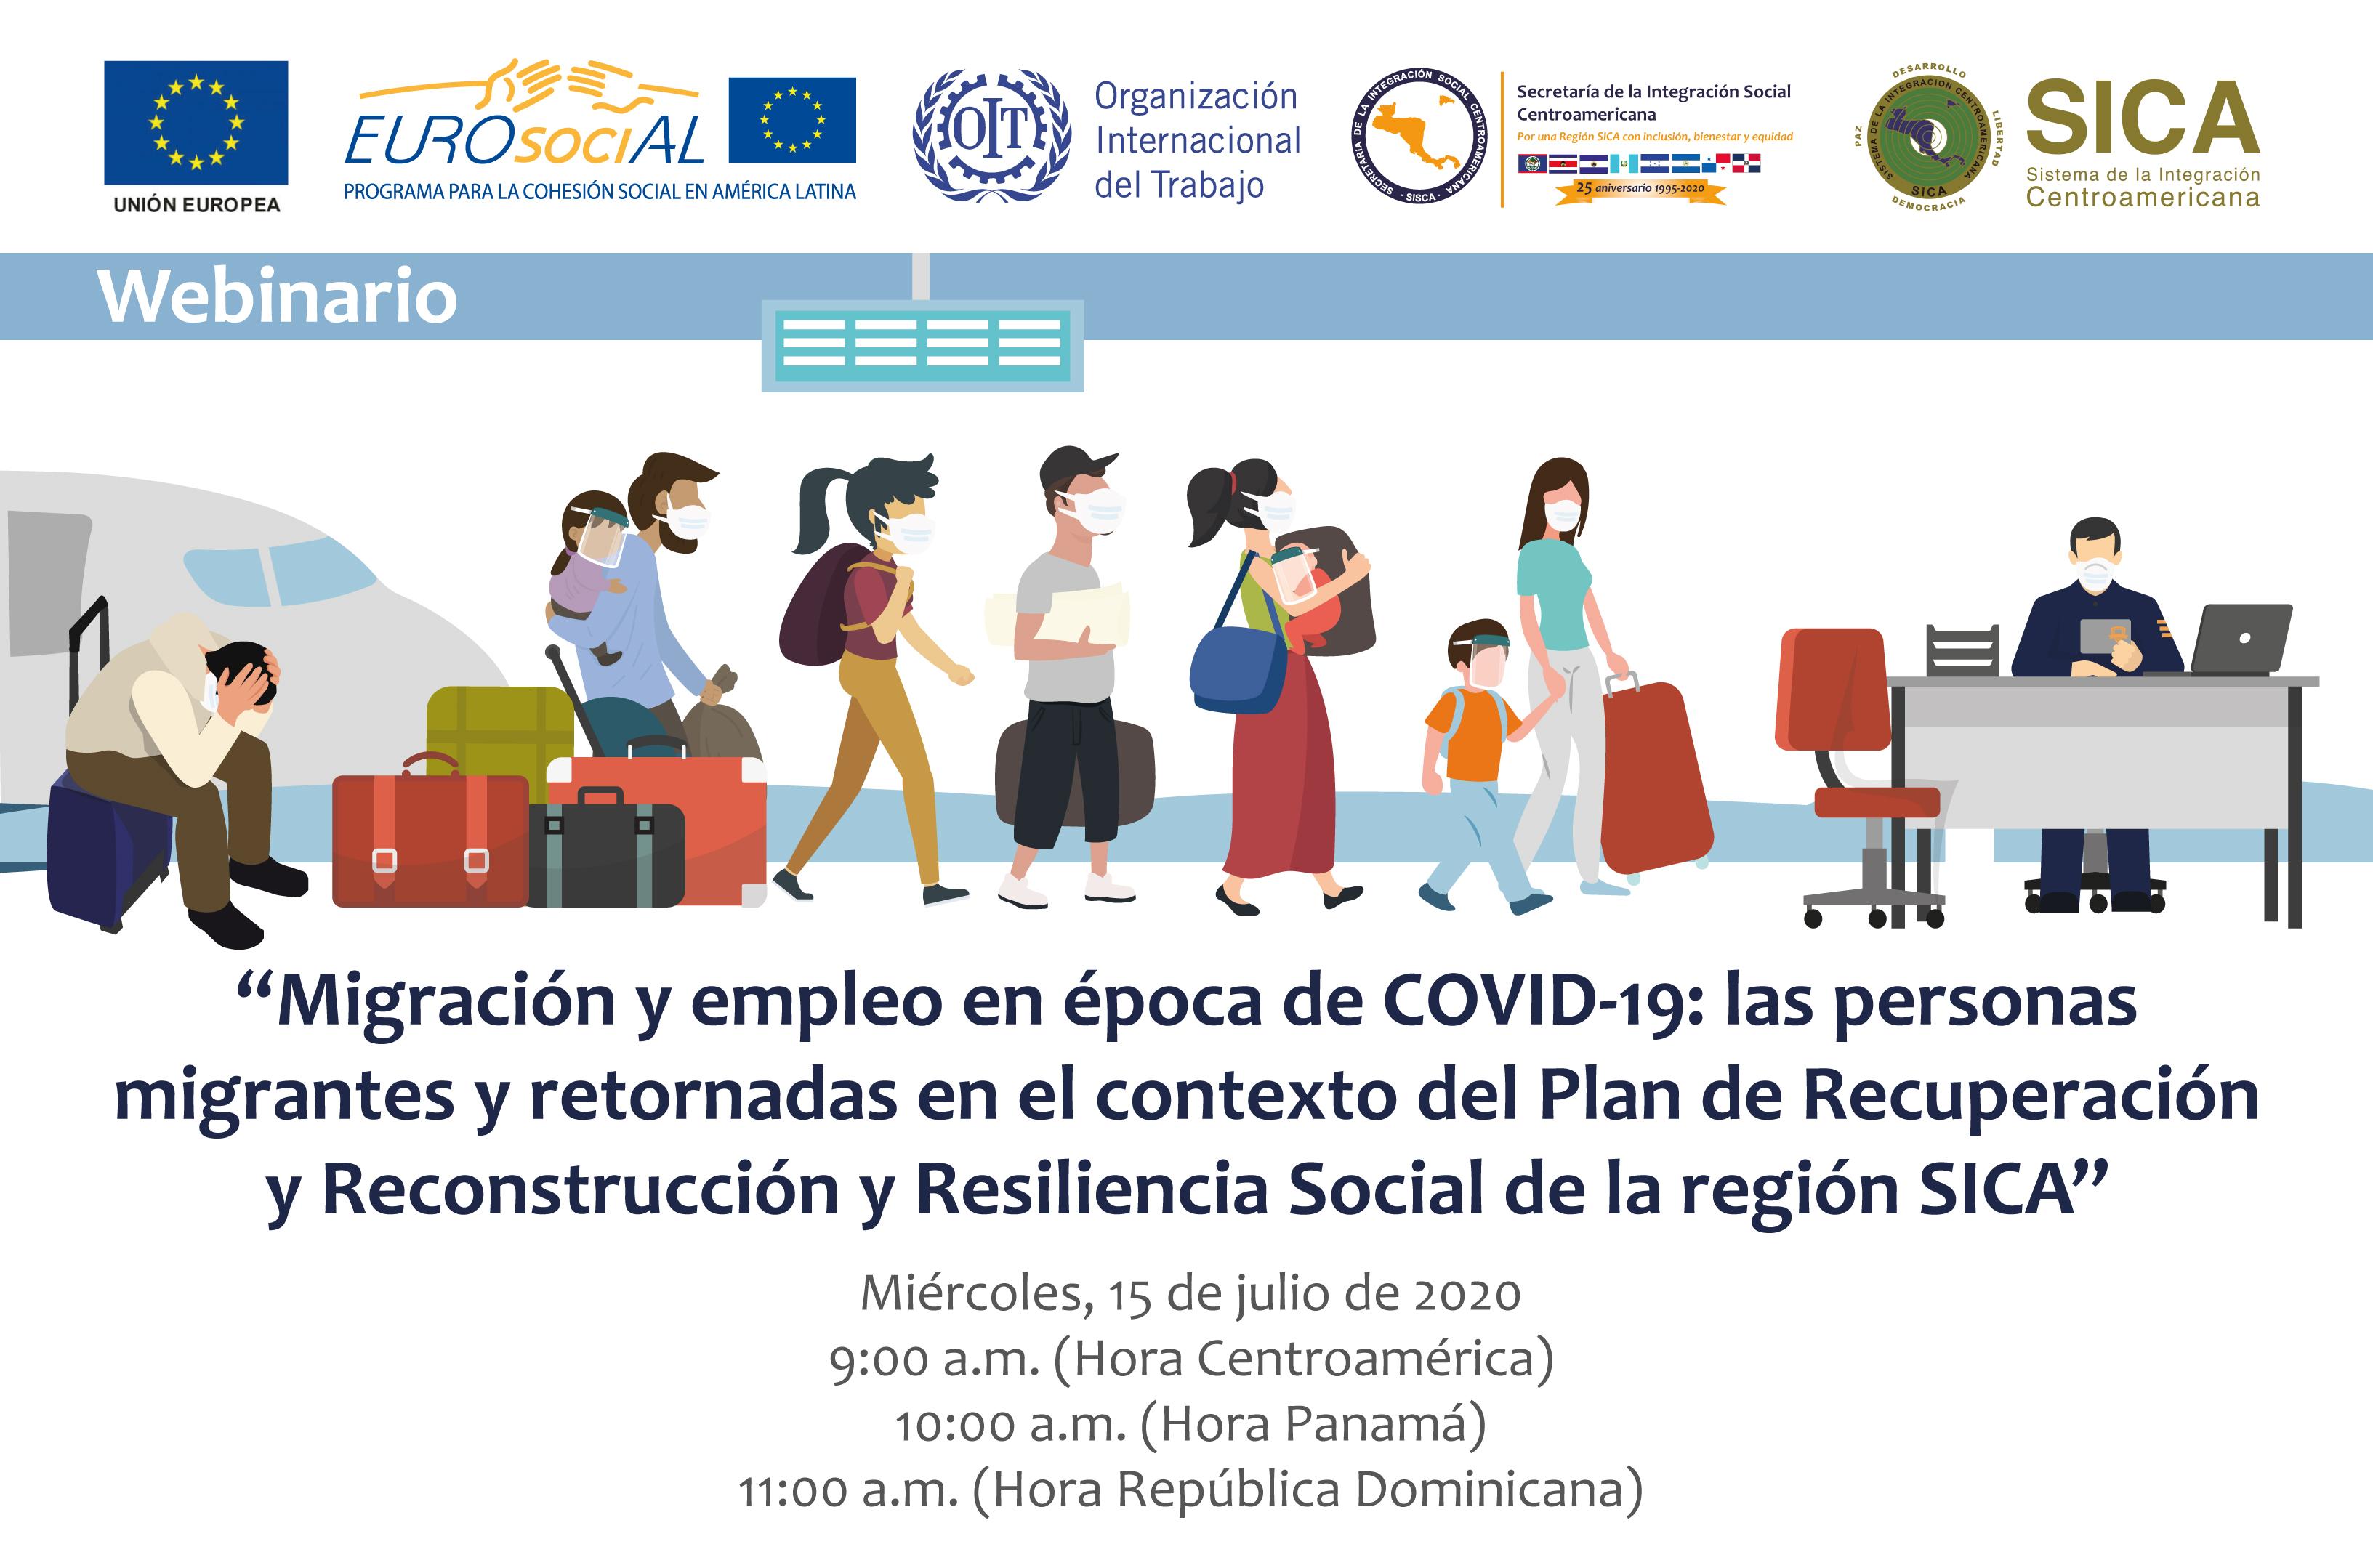 Migración y empleo en época de COVID-19: las personas migrantes y retornadas en el contexto del Plan de Recuperación, Reconstrucción social y Resiliencia de la región SICA